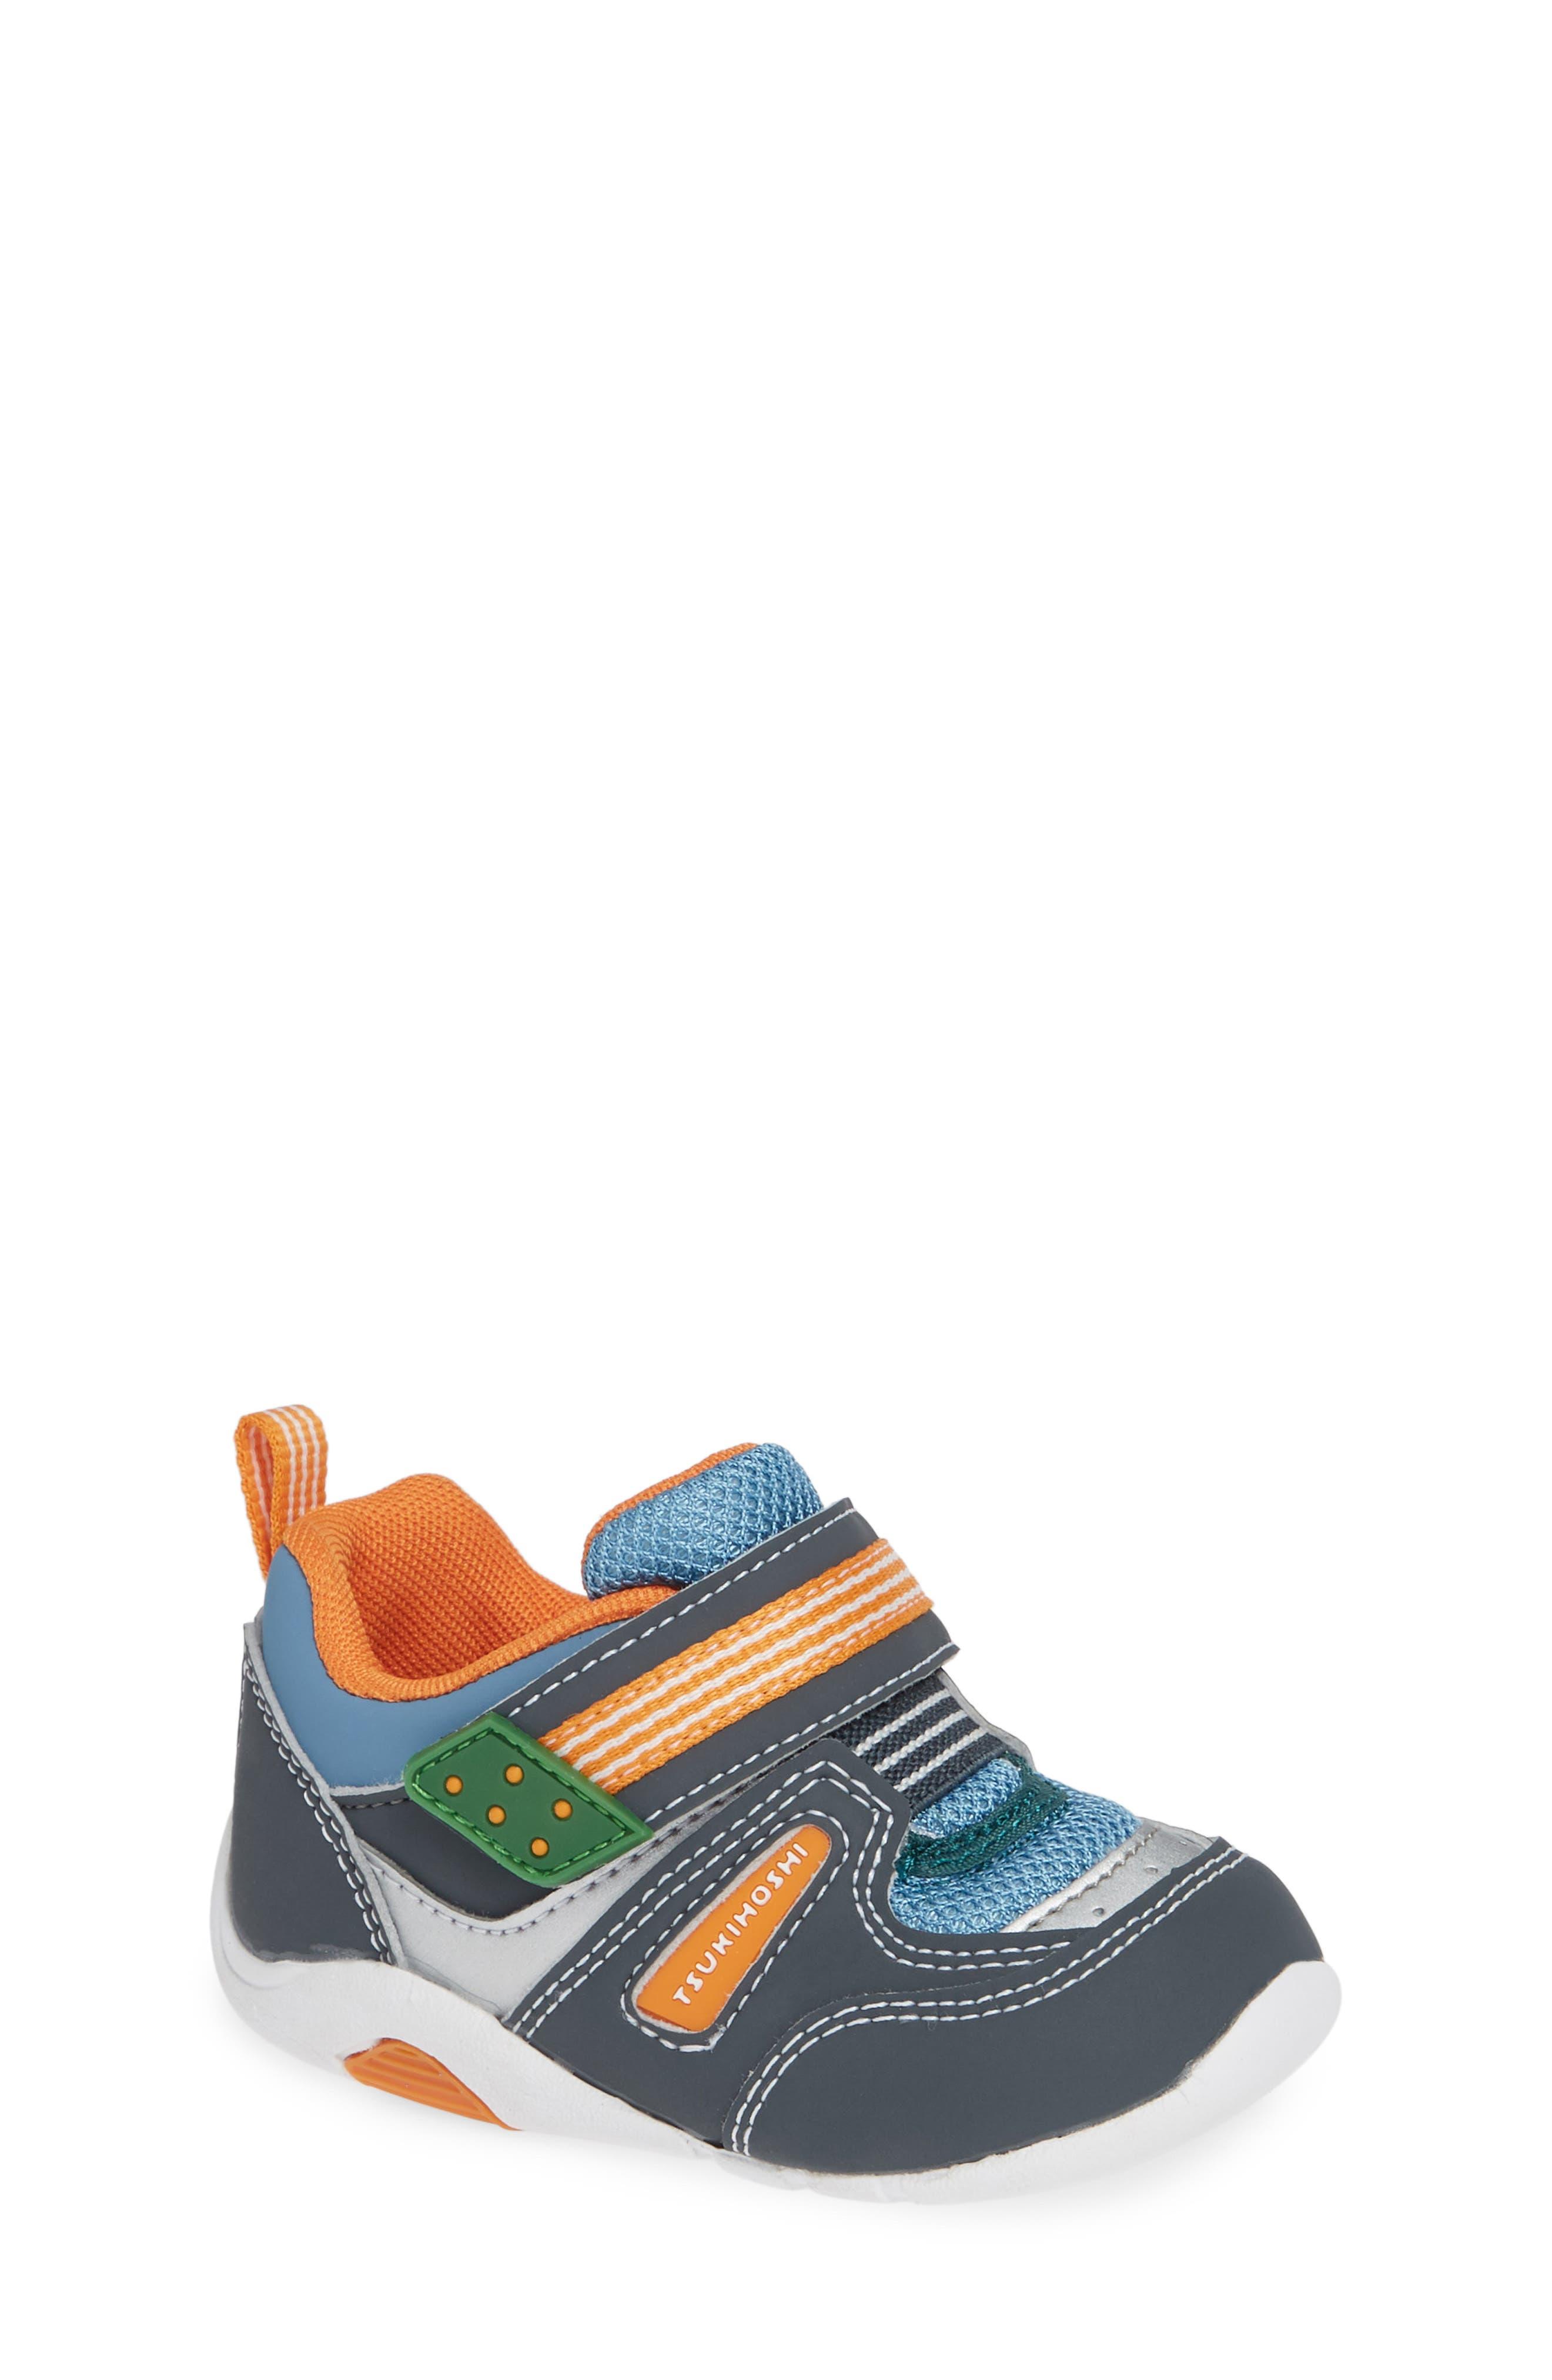 Boys' Tsukihoshi Shoes